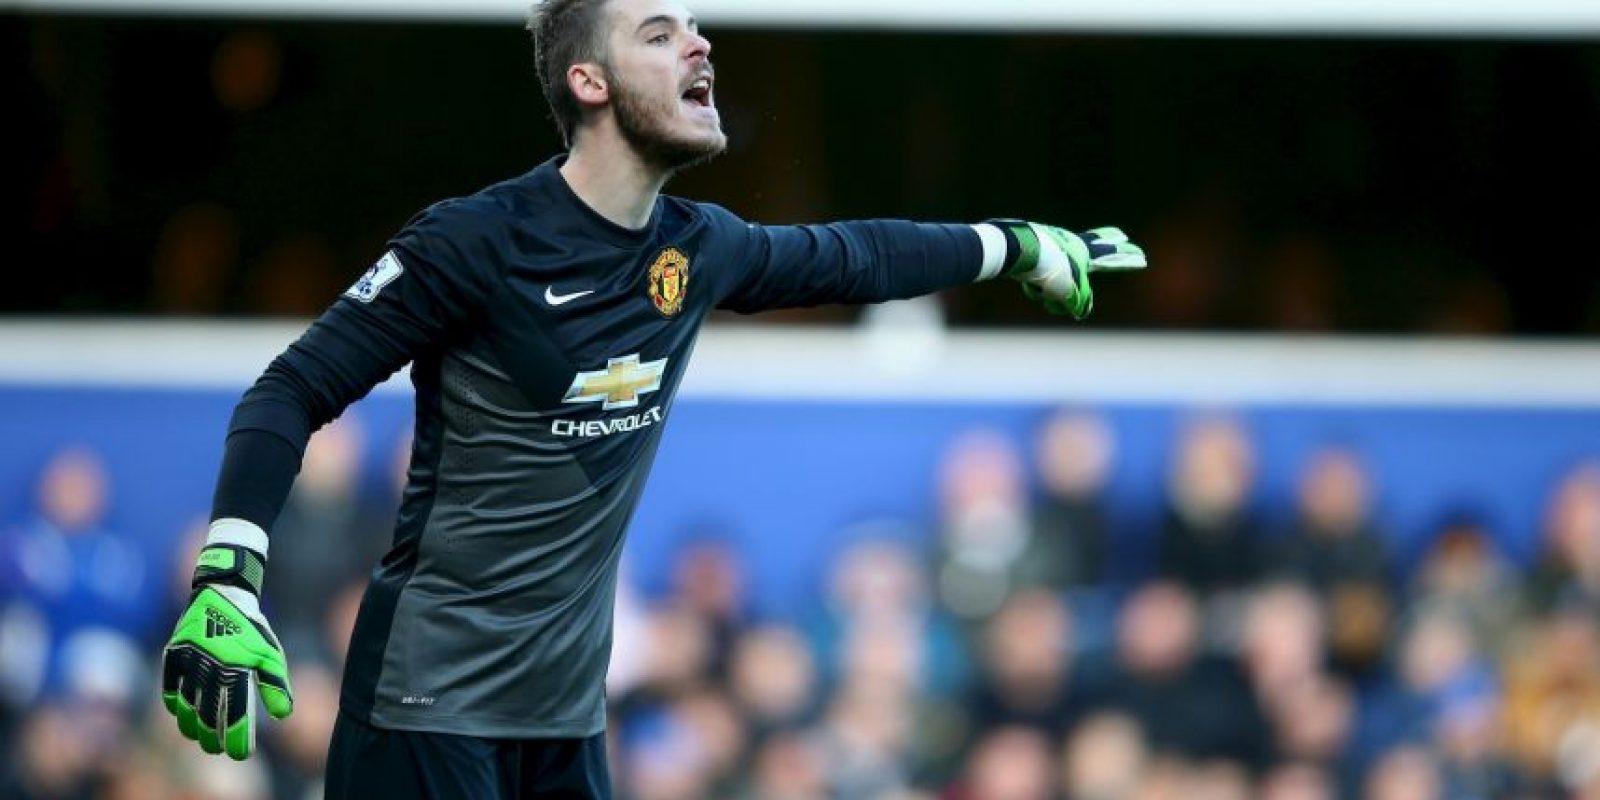 Manchester United lo cotiza en 65 millones de euros Foto:Getty